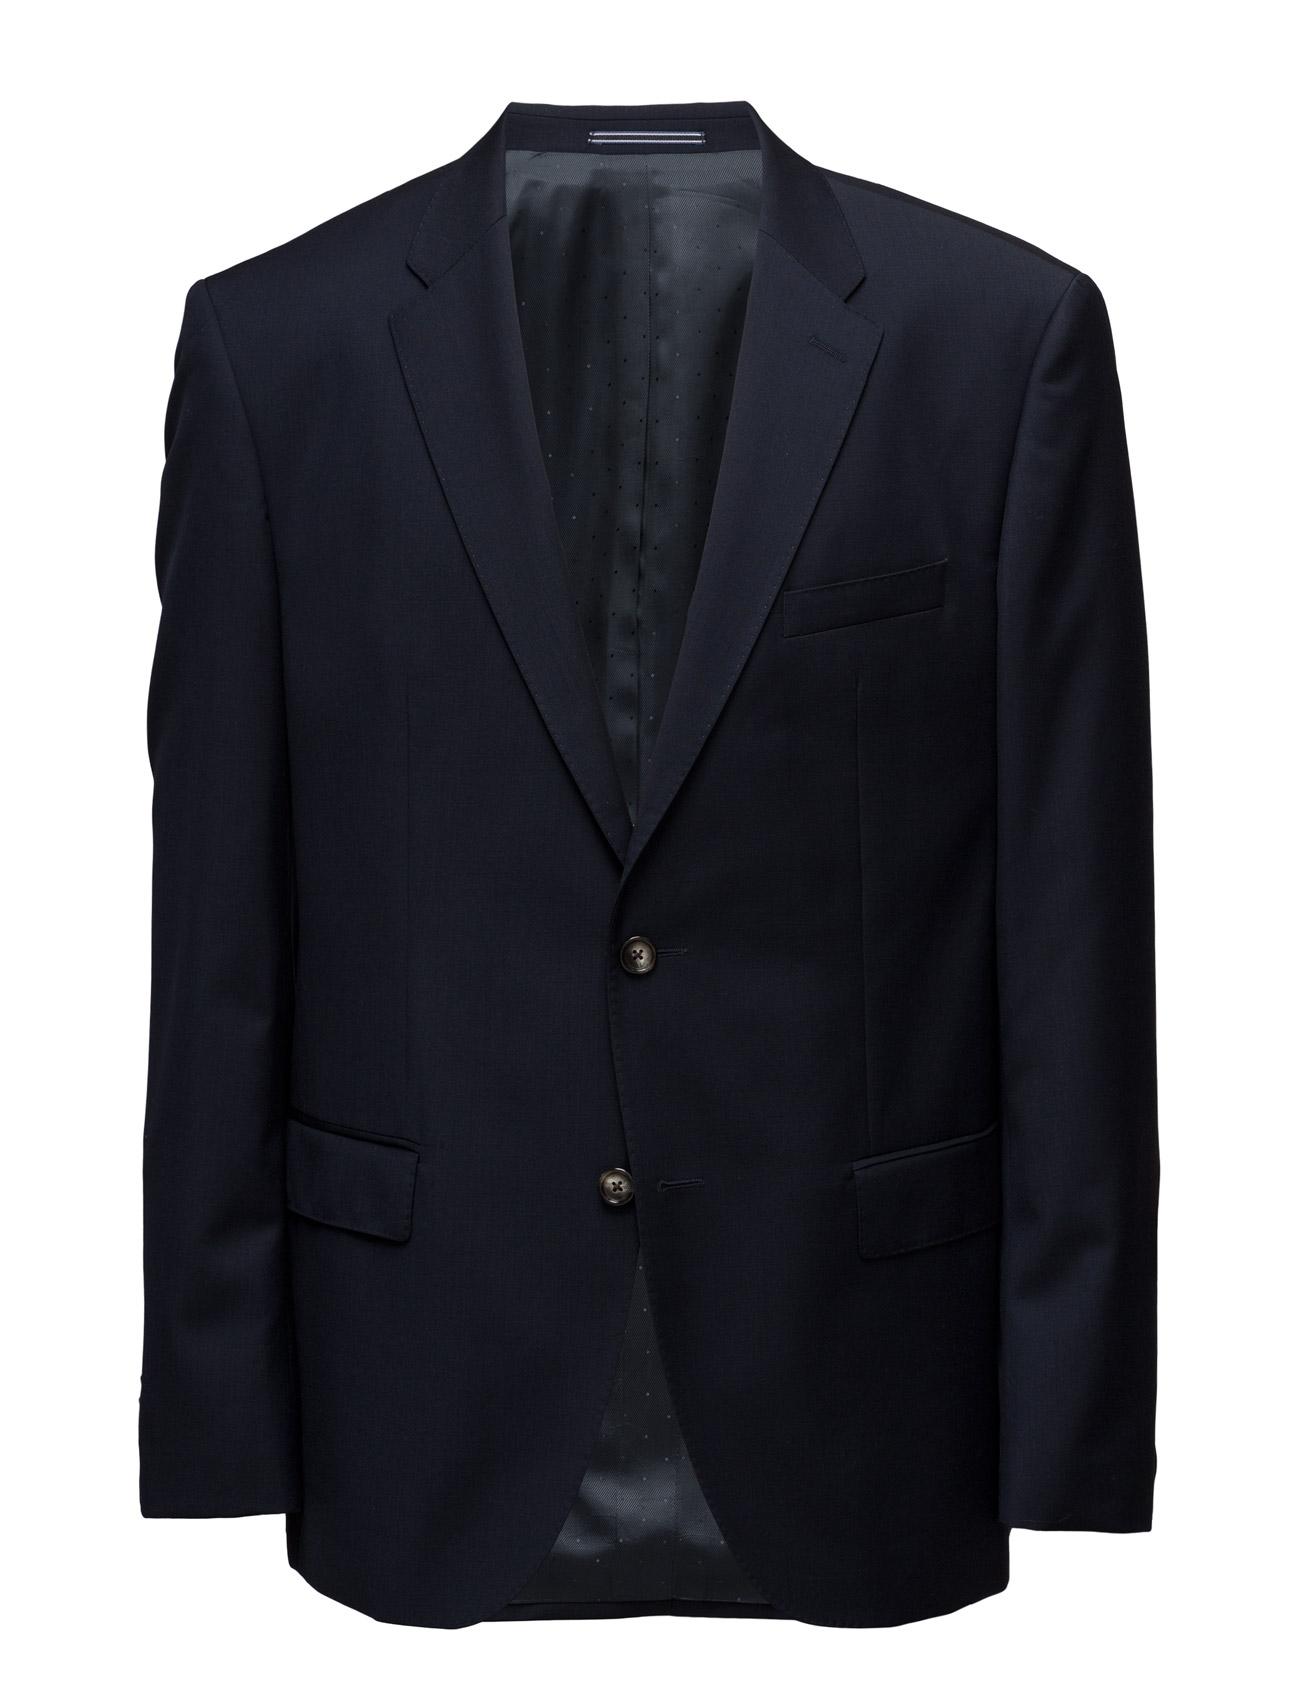 Butch Stssld99003 Tommy Hilfiger Tailored Blazere til Herrer i Blå